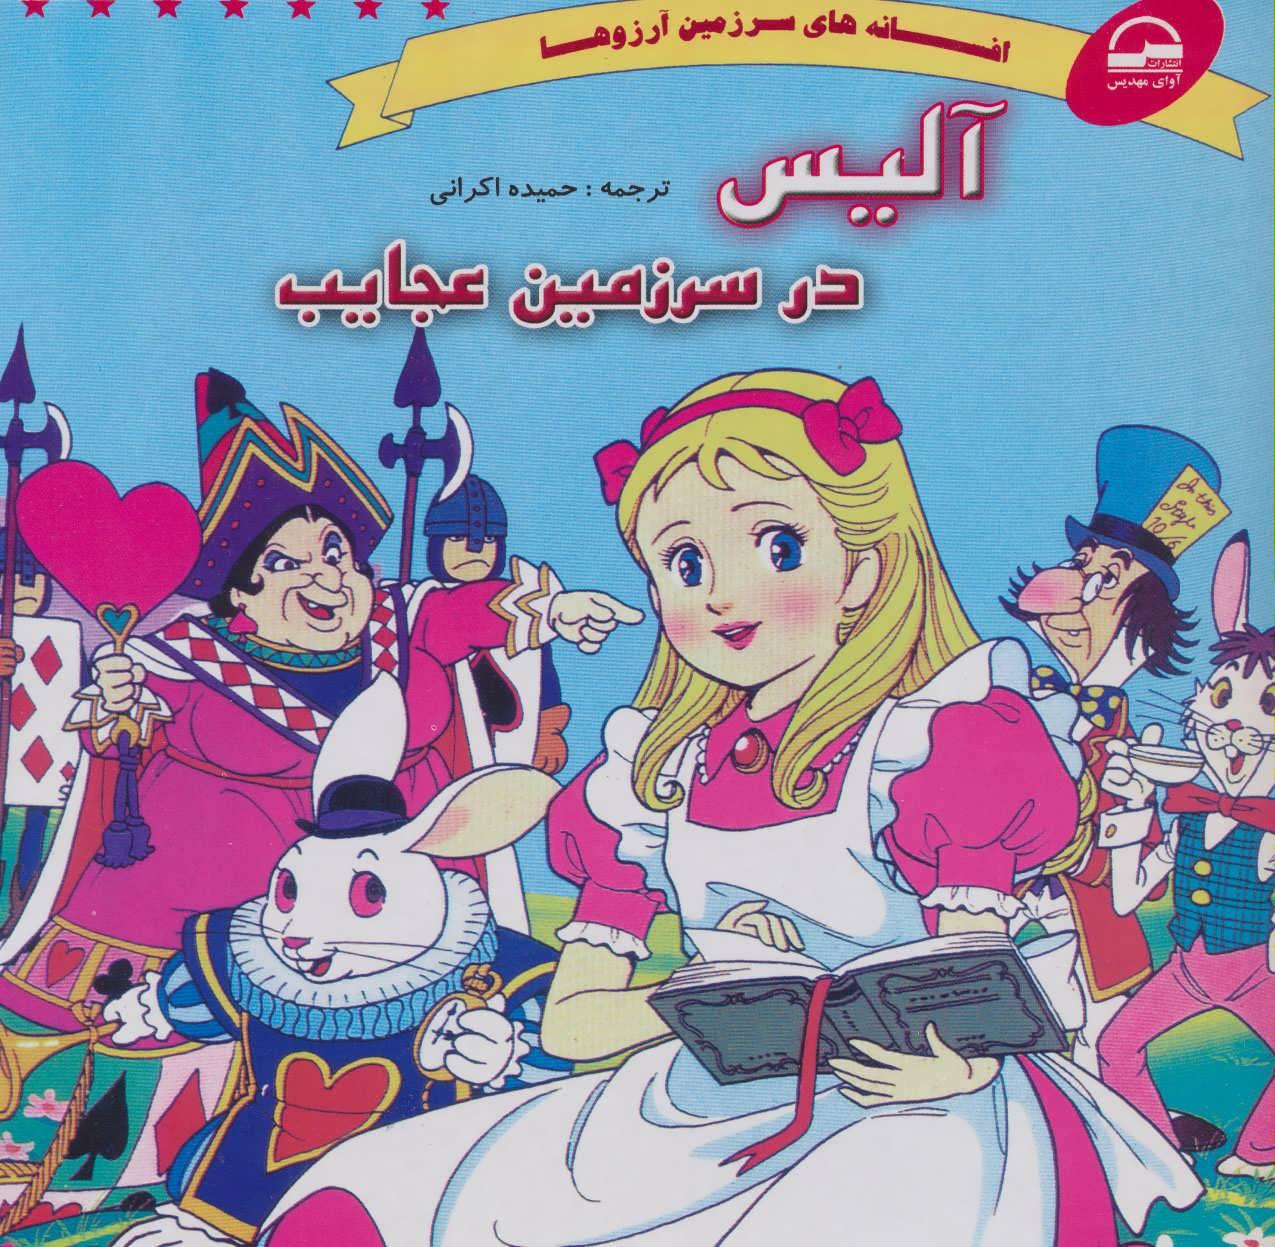 کتاب آلیس در سرزمین عجاعب